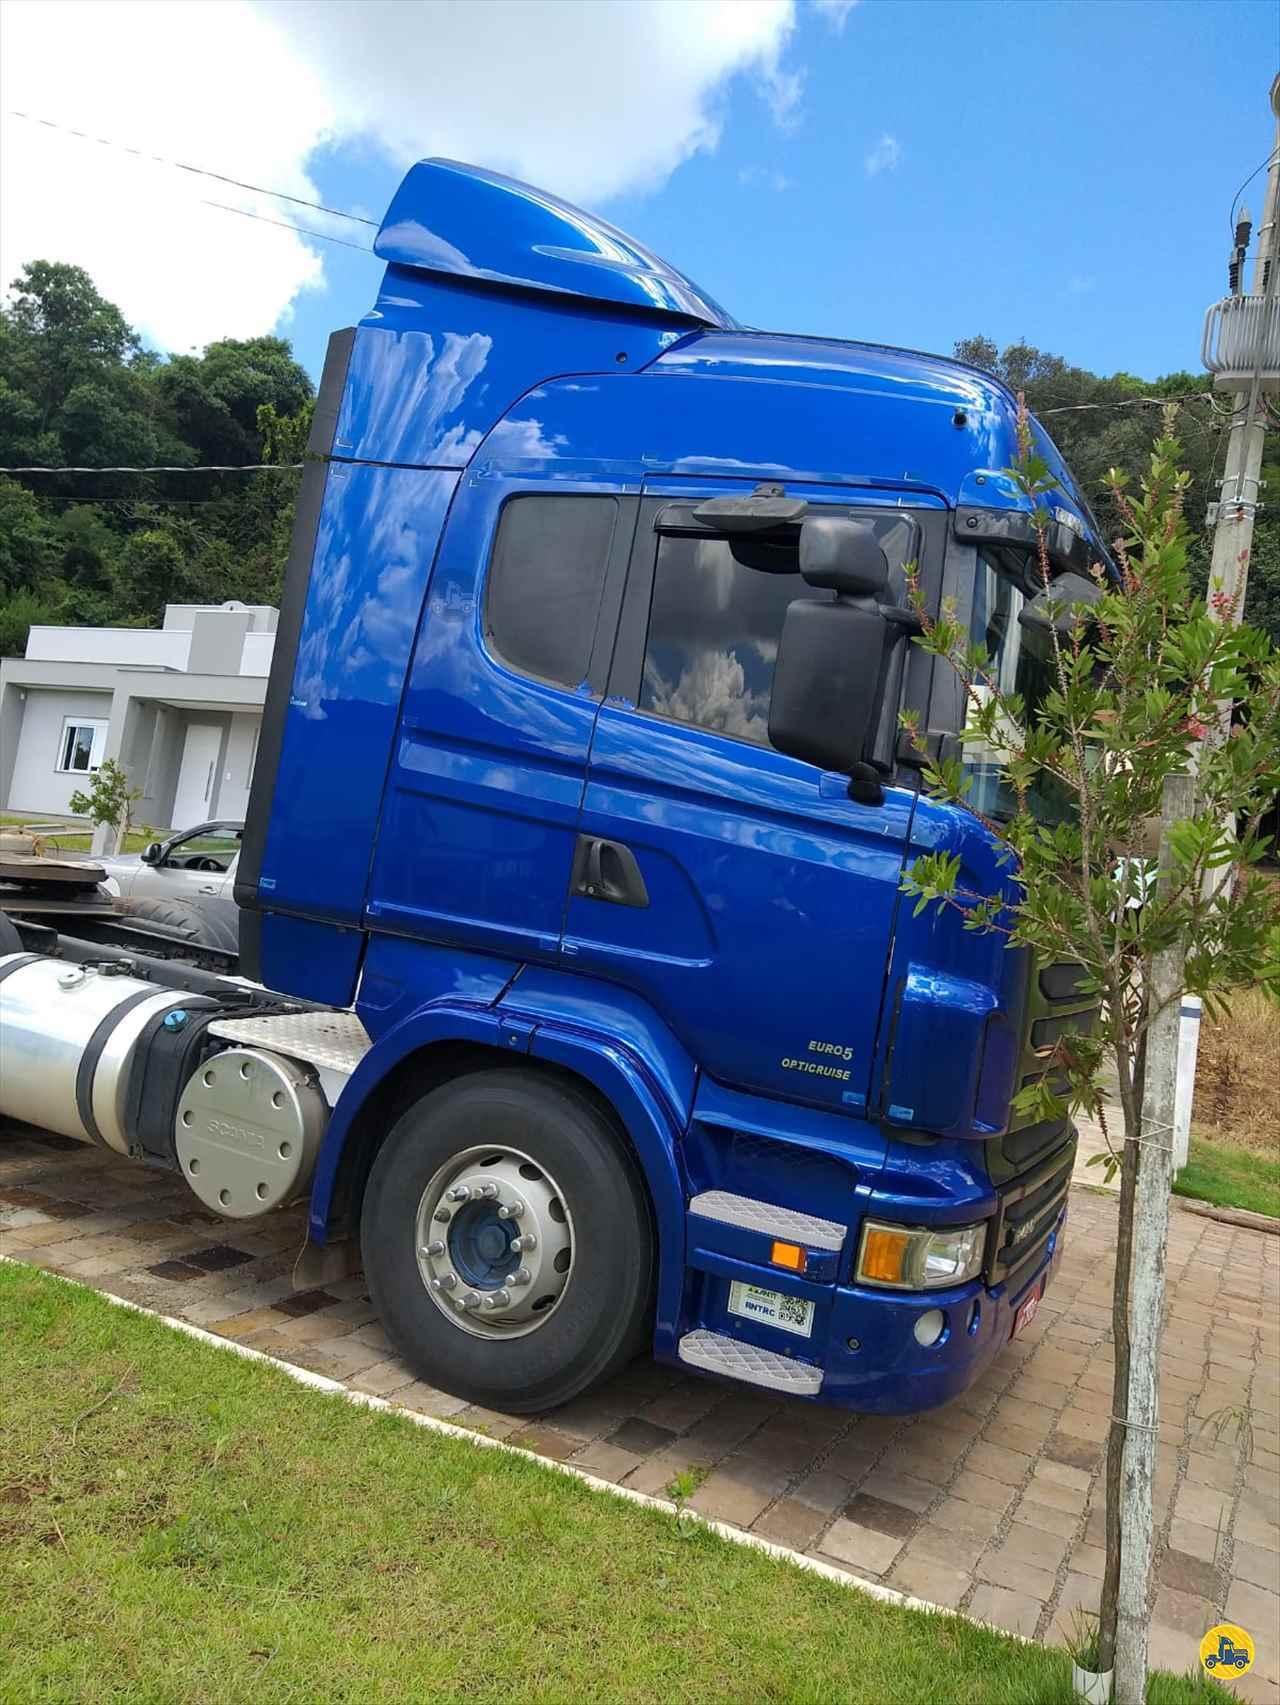 CAMINHAO SCANIA SCANIA 480 Cavalo Mecânico Truck 6x2 Zanon Caminhões e Implementos PASSO FUNDO RIO GRANDE DO SUL RS